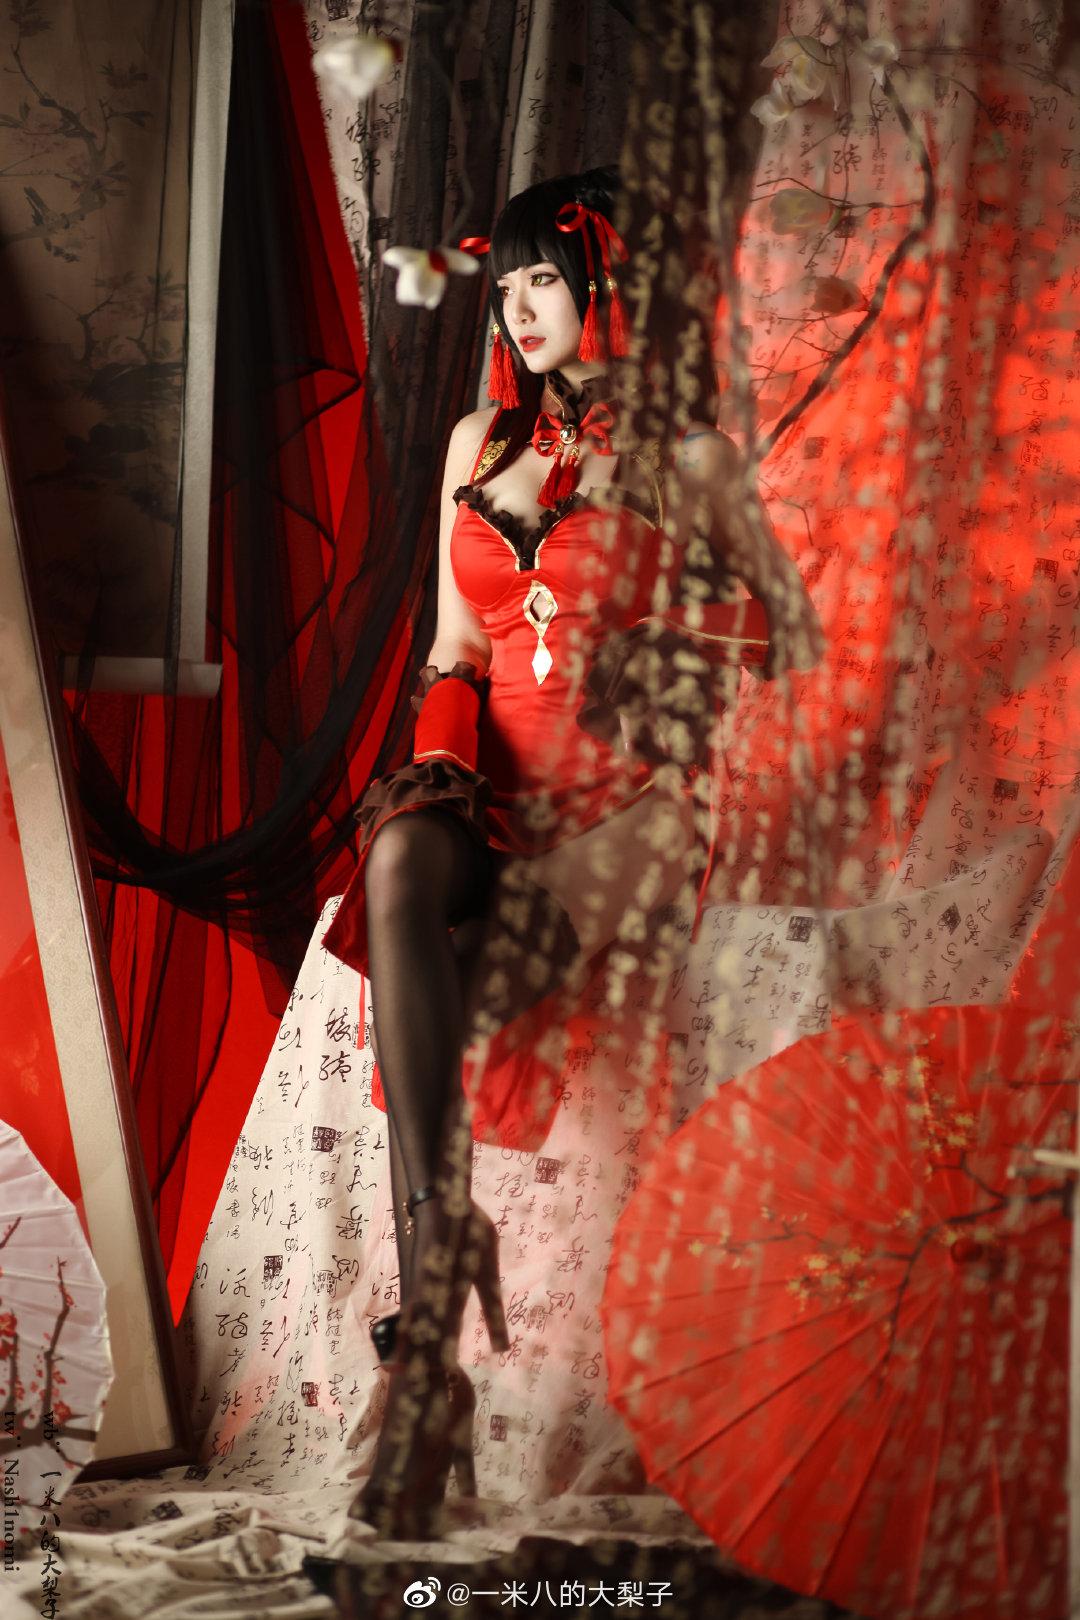 ⭐微博红人⭐一米八的大梨子@写真cos-时崎狂三新春旗袍[12P/4MB]插图1